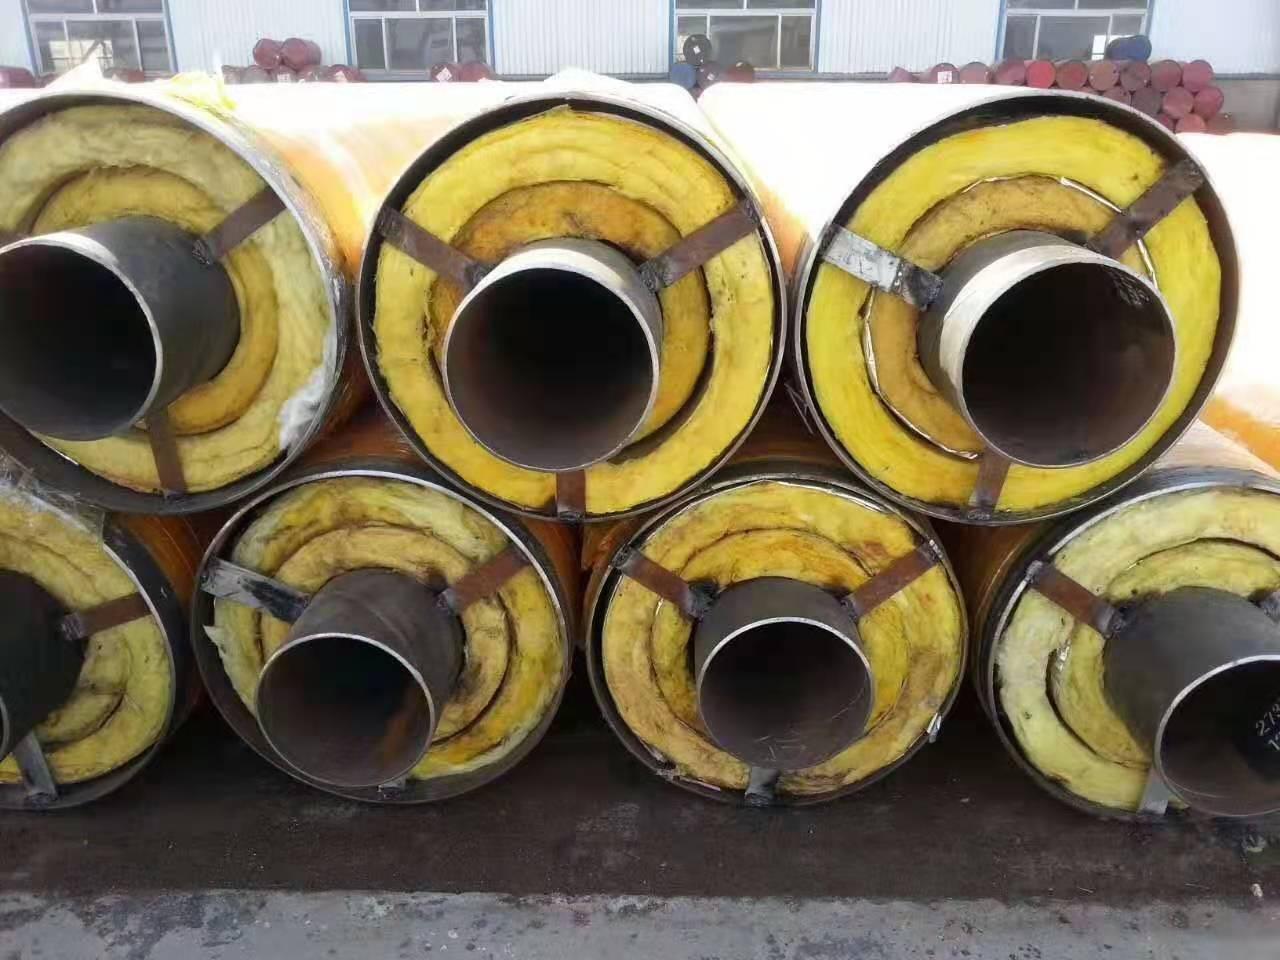 保定北市环氧树脂粉末涂塑钢管*x42双面埋弧焊直缝钢管厂家*库存发货